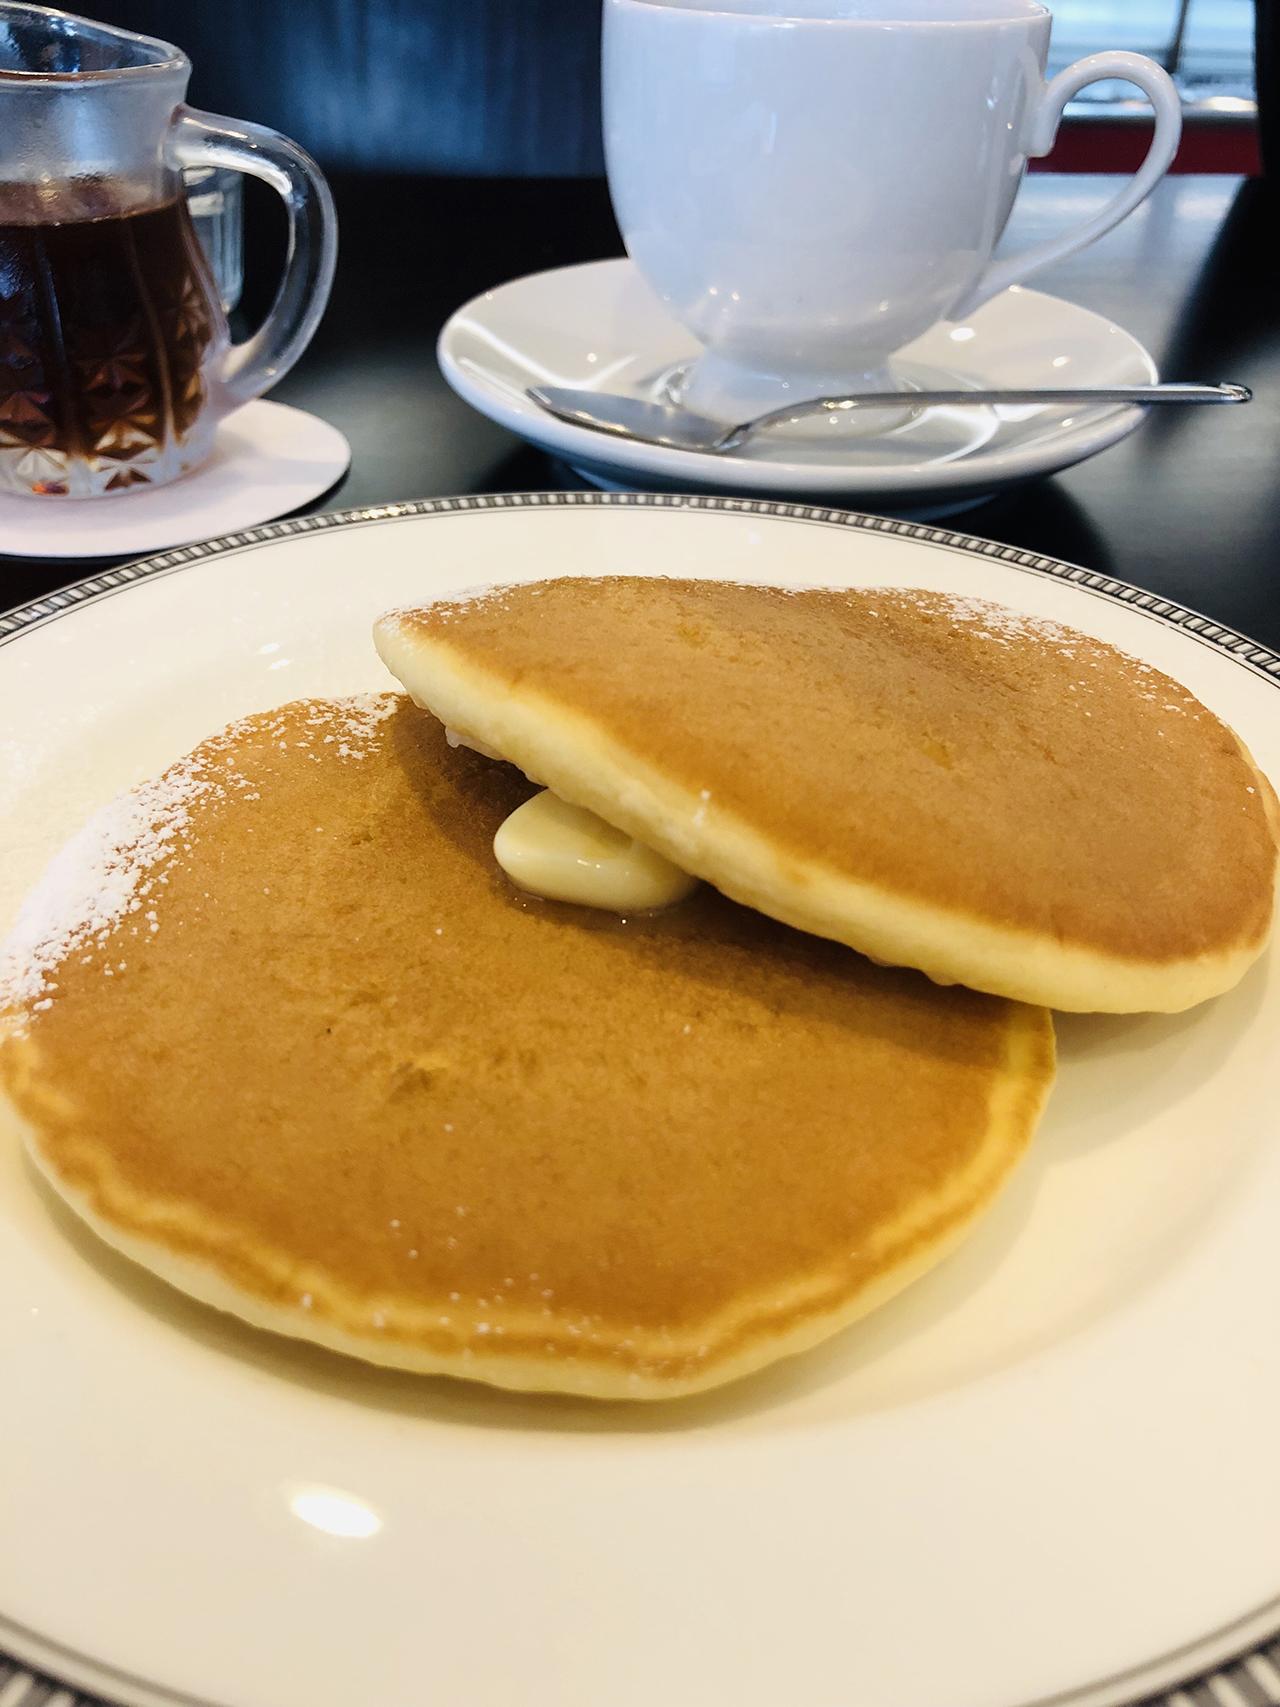 パンケーキのアップ写真